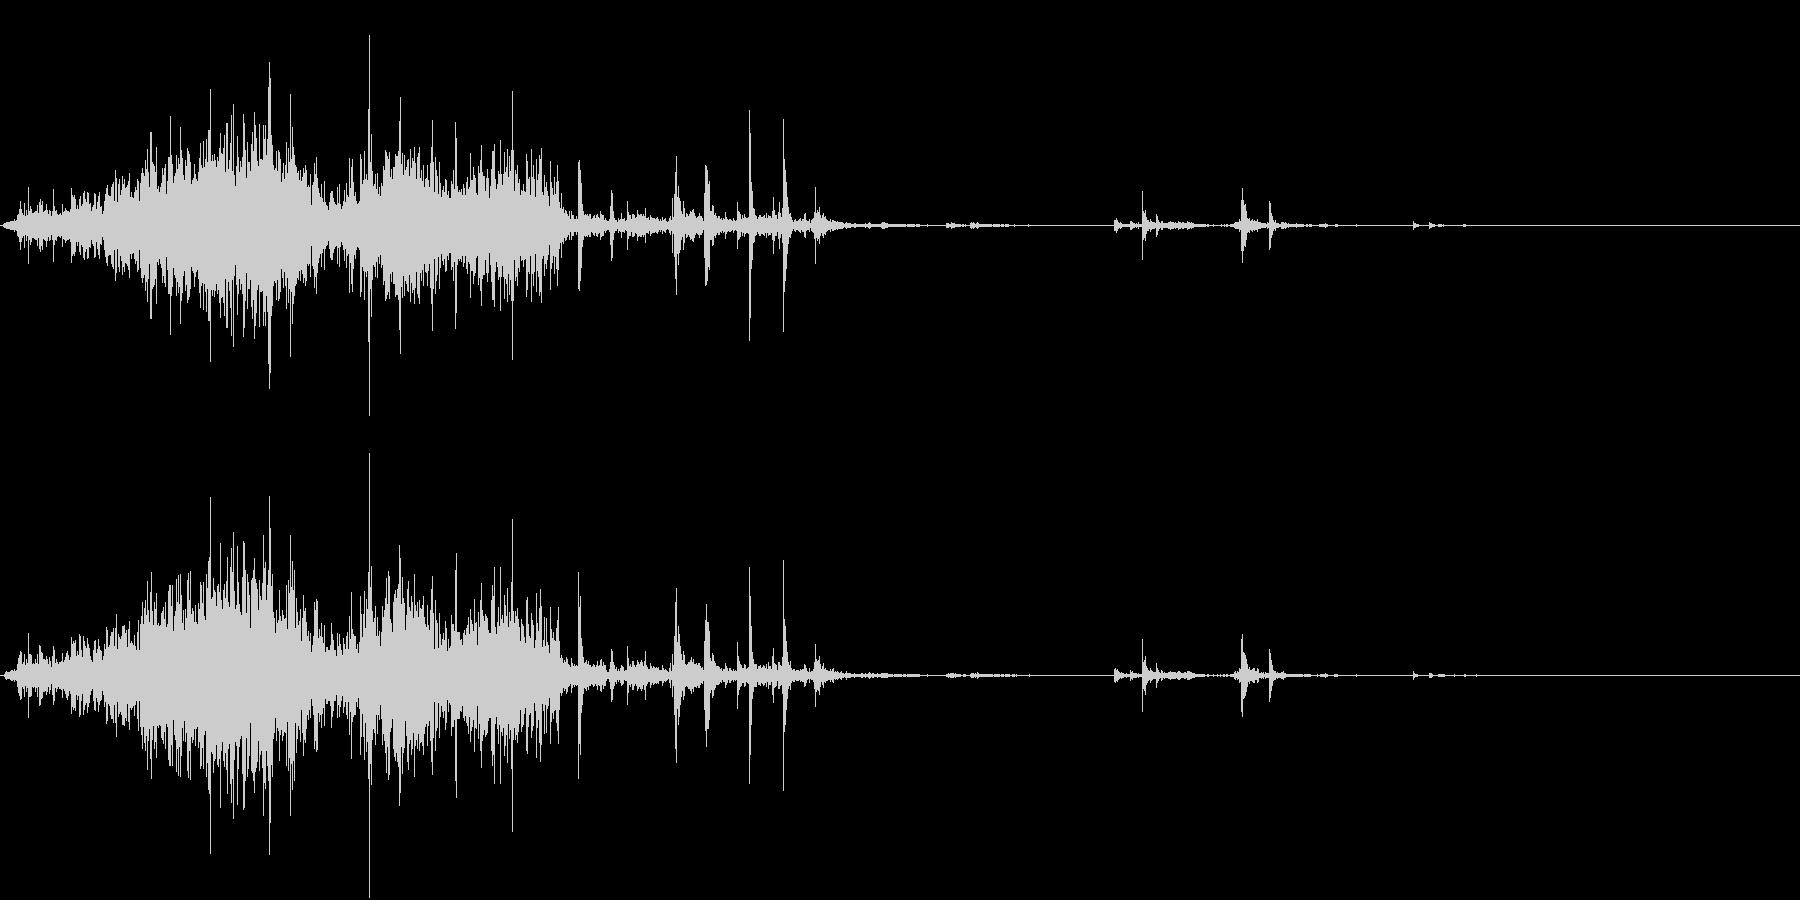 【生録音】ゴミの音 9 蹴散らすの未再生の波形